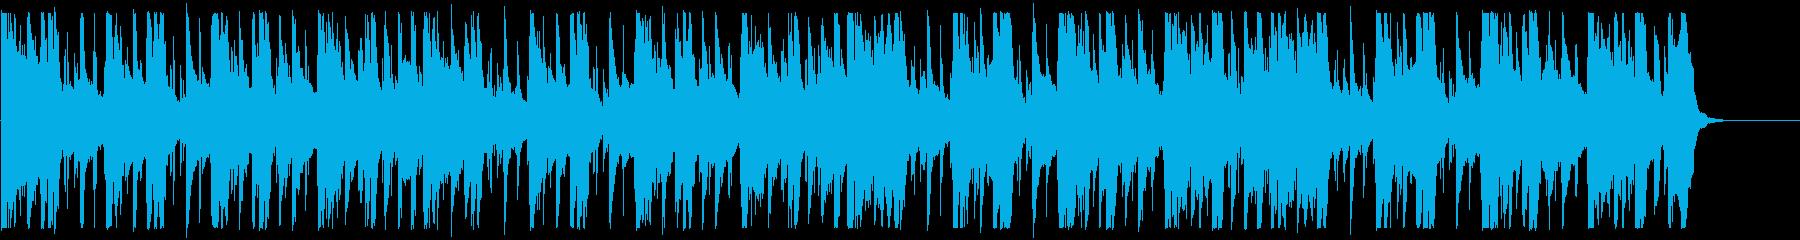 キラキラ/ローファイ_No593_4の再生済みの波形